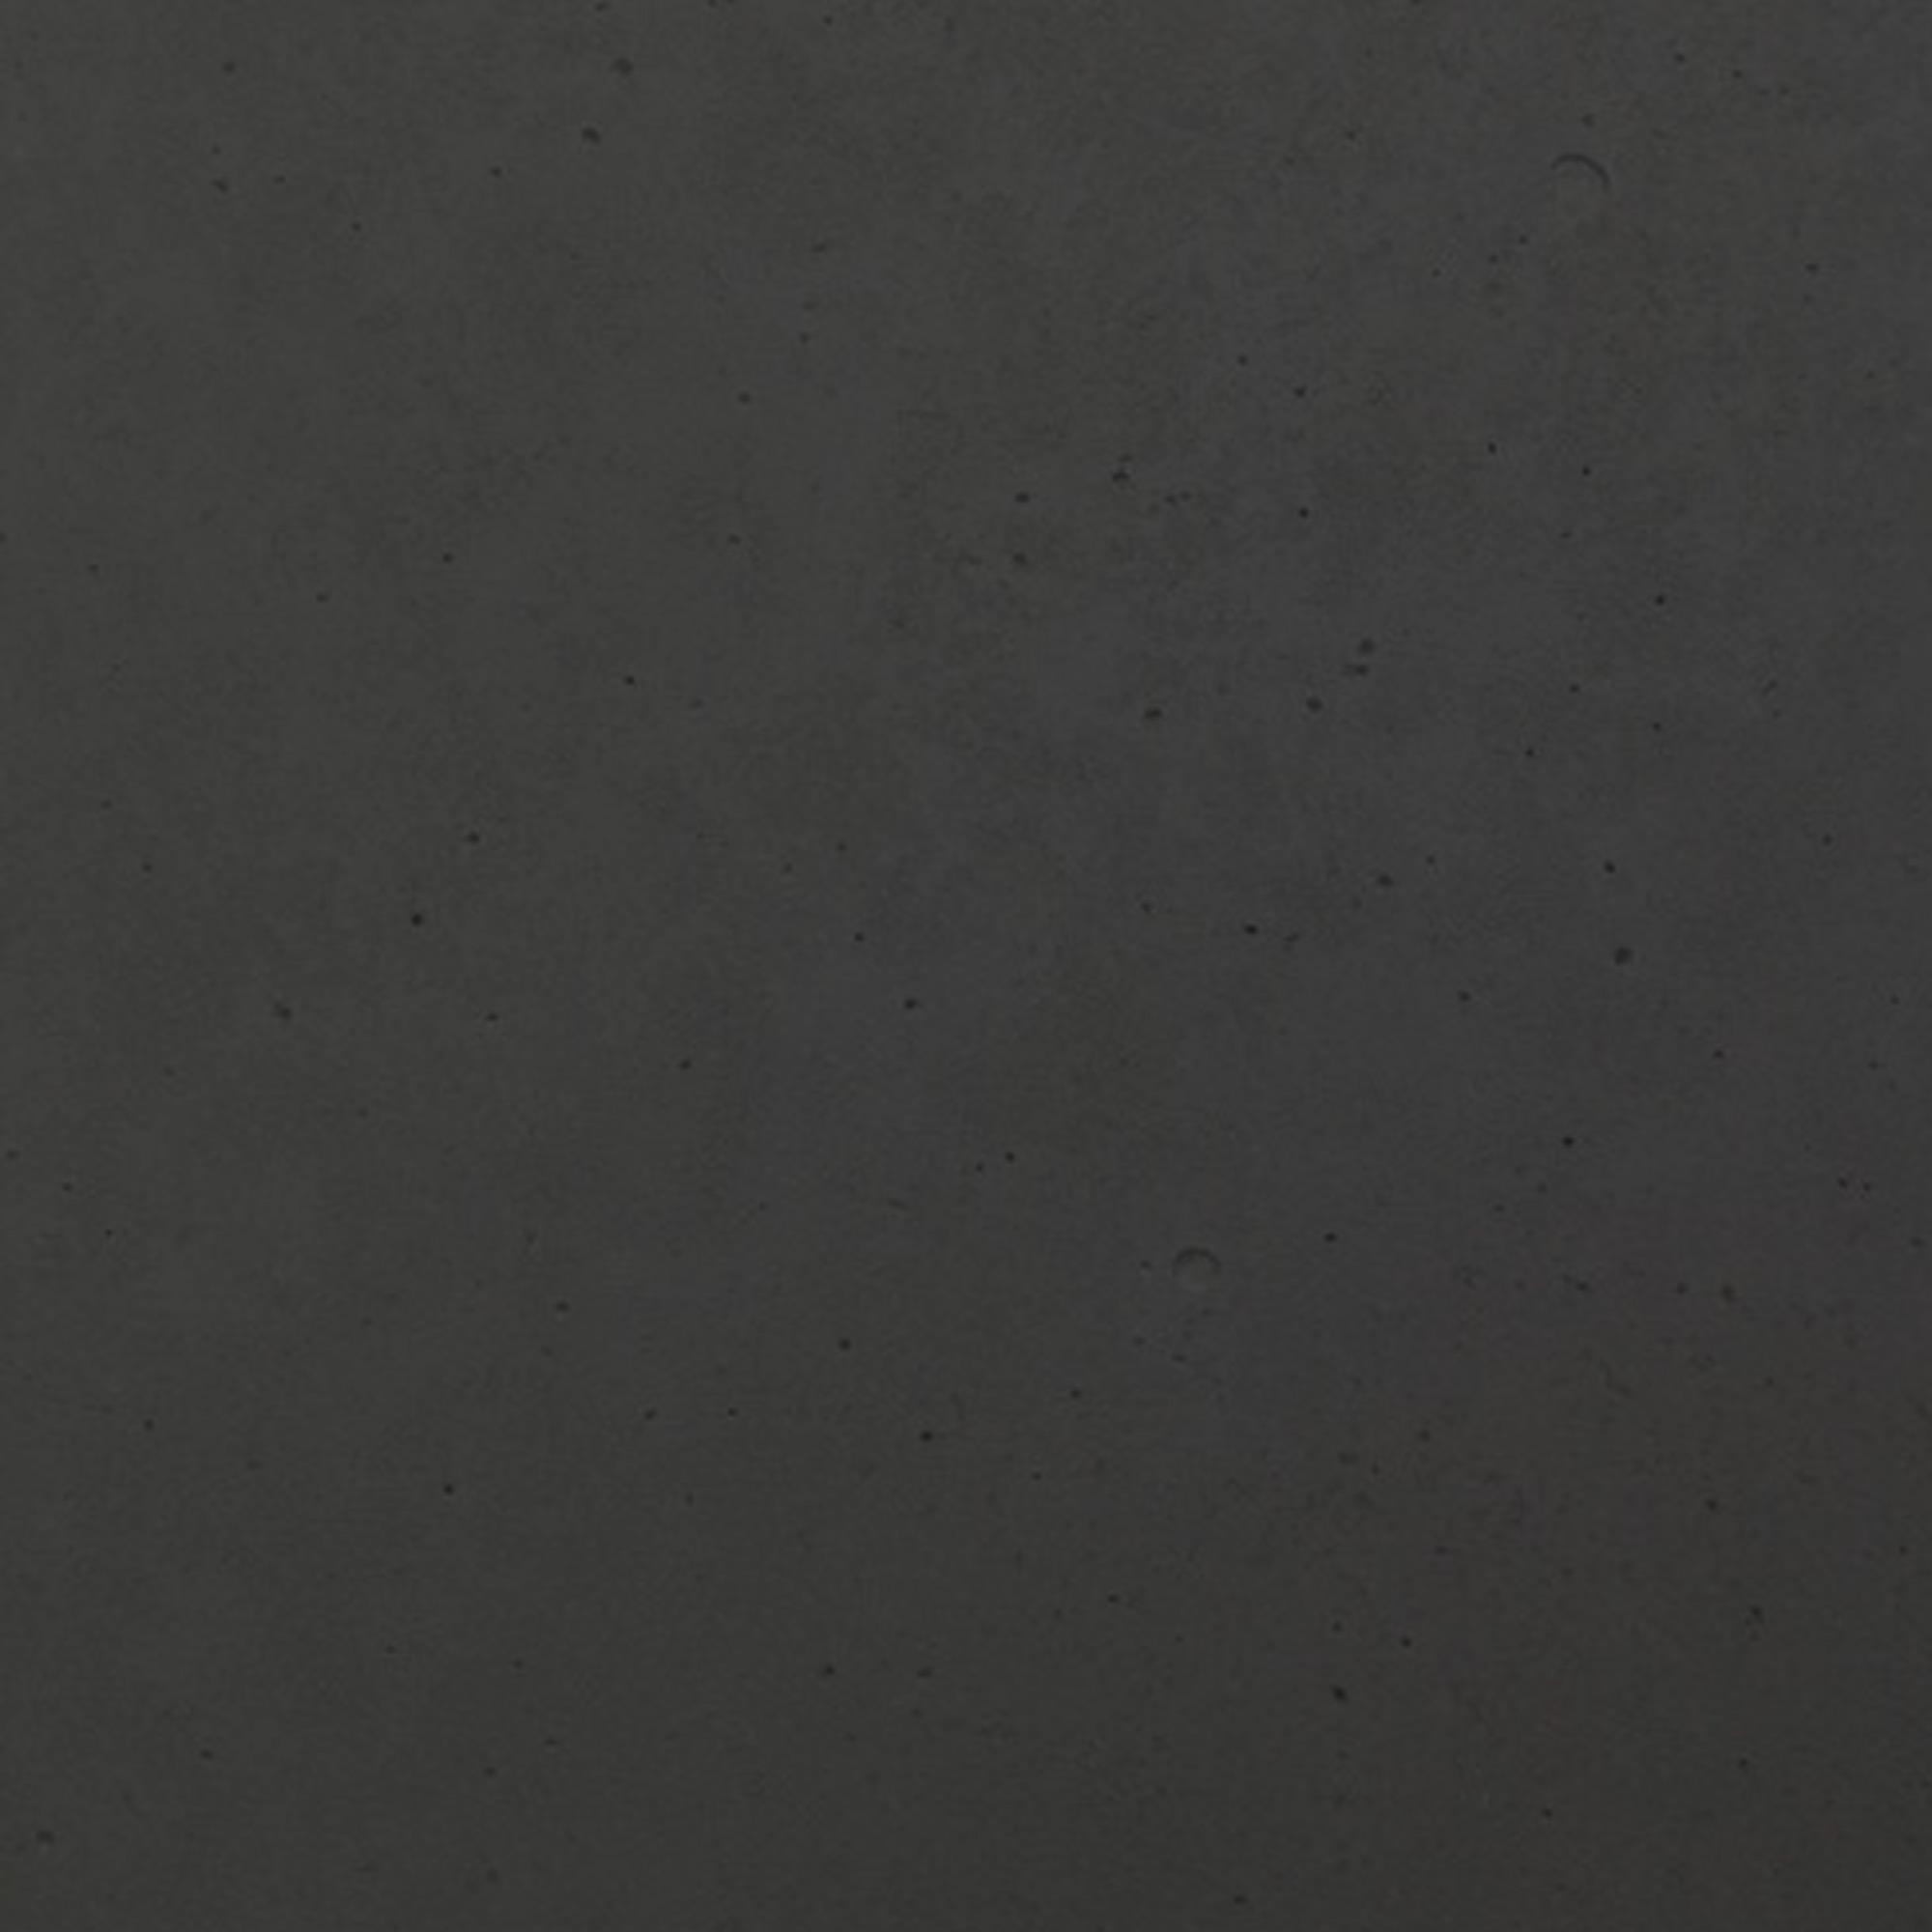 carousel-conclad-finiture-grigio90.jpg